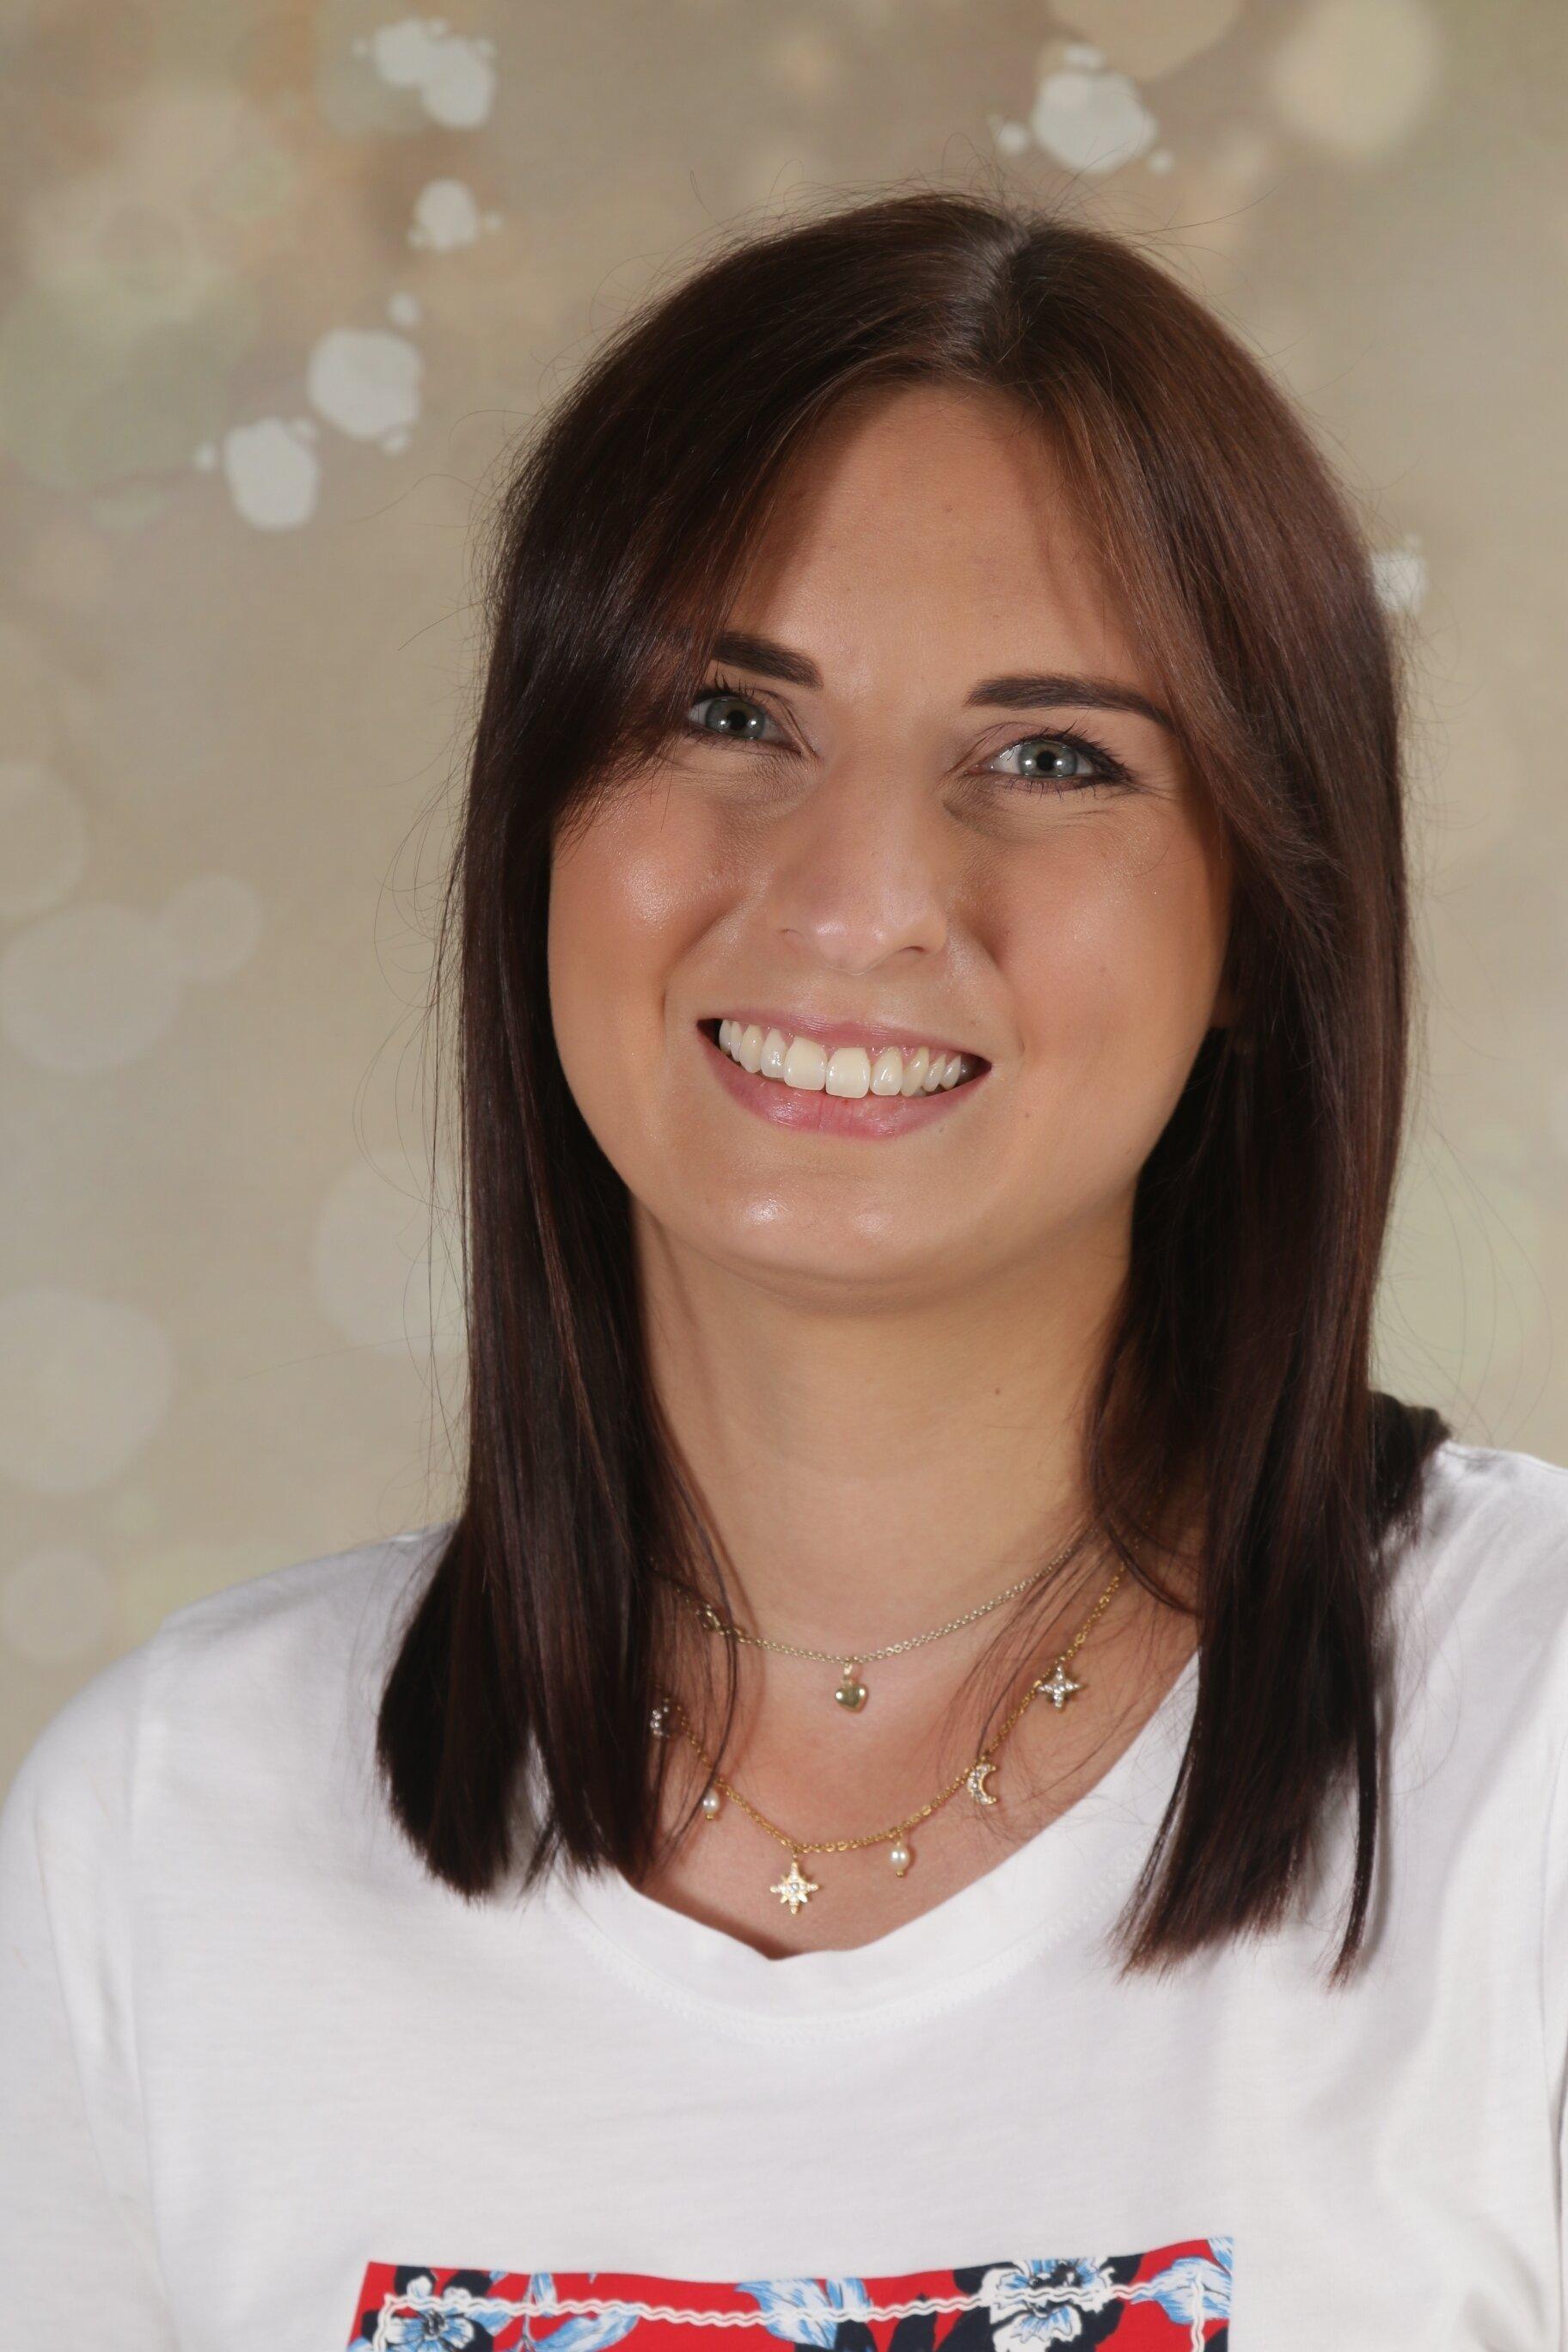 Jessica Schmidt